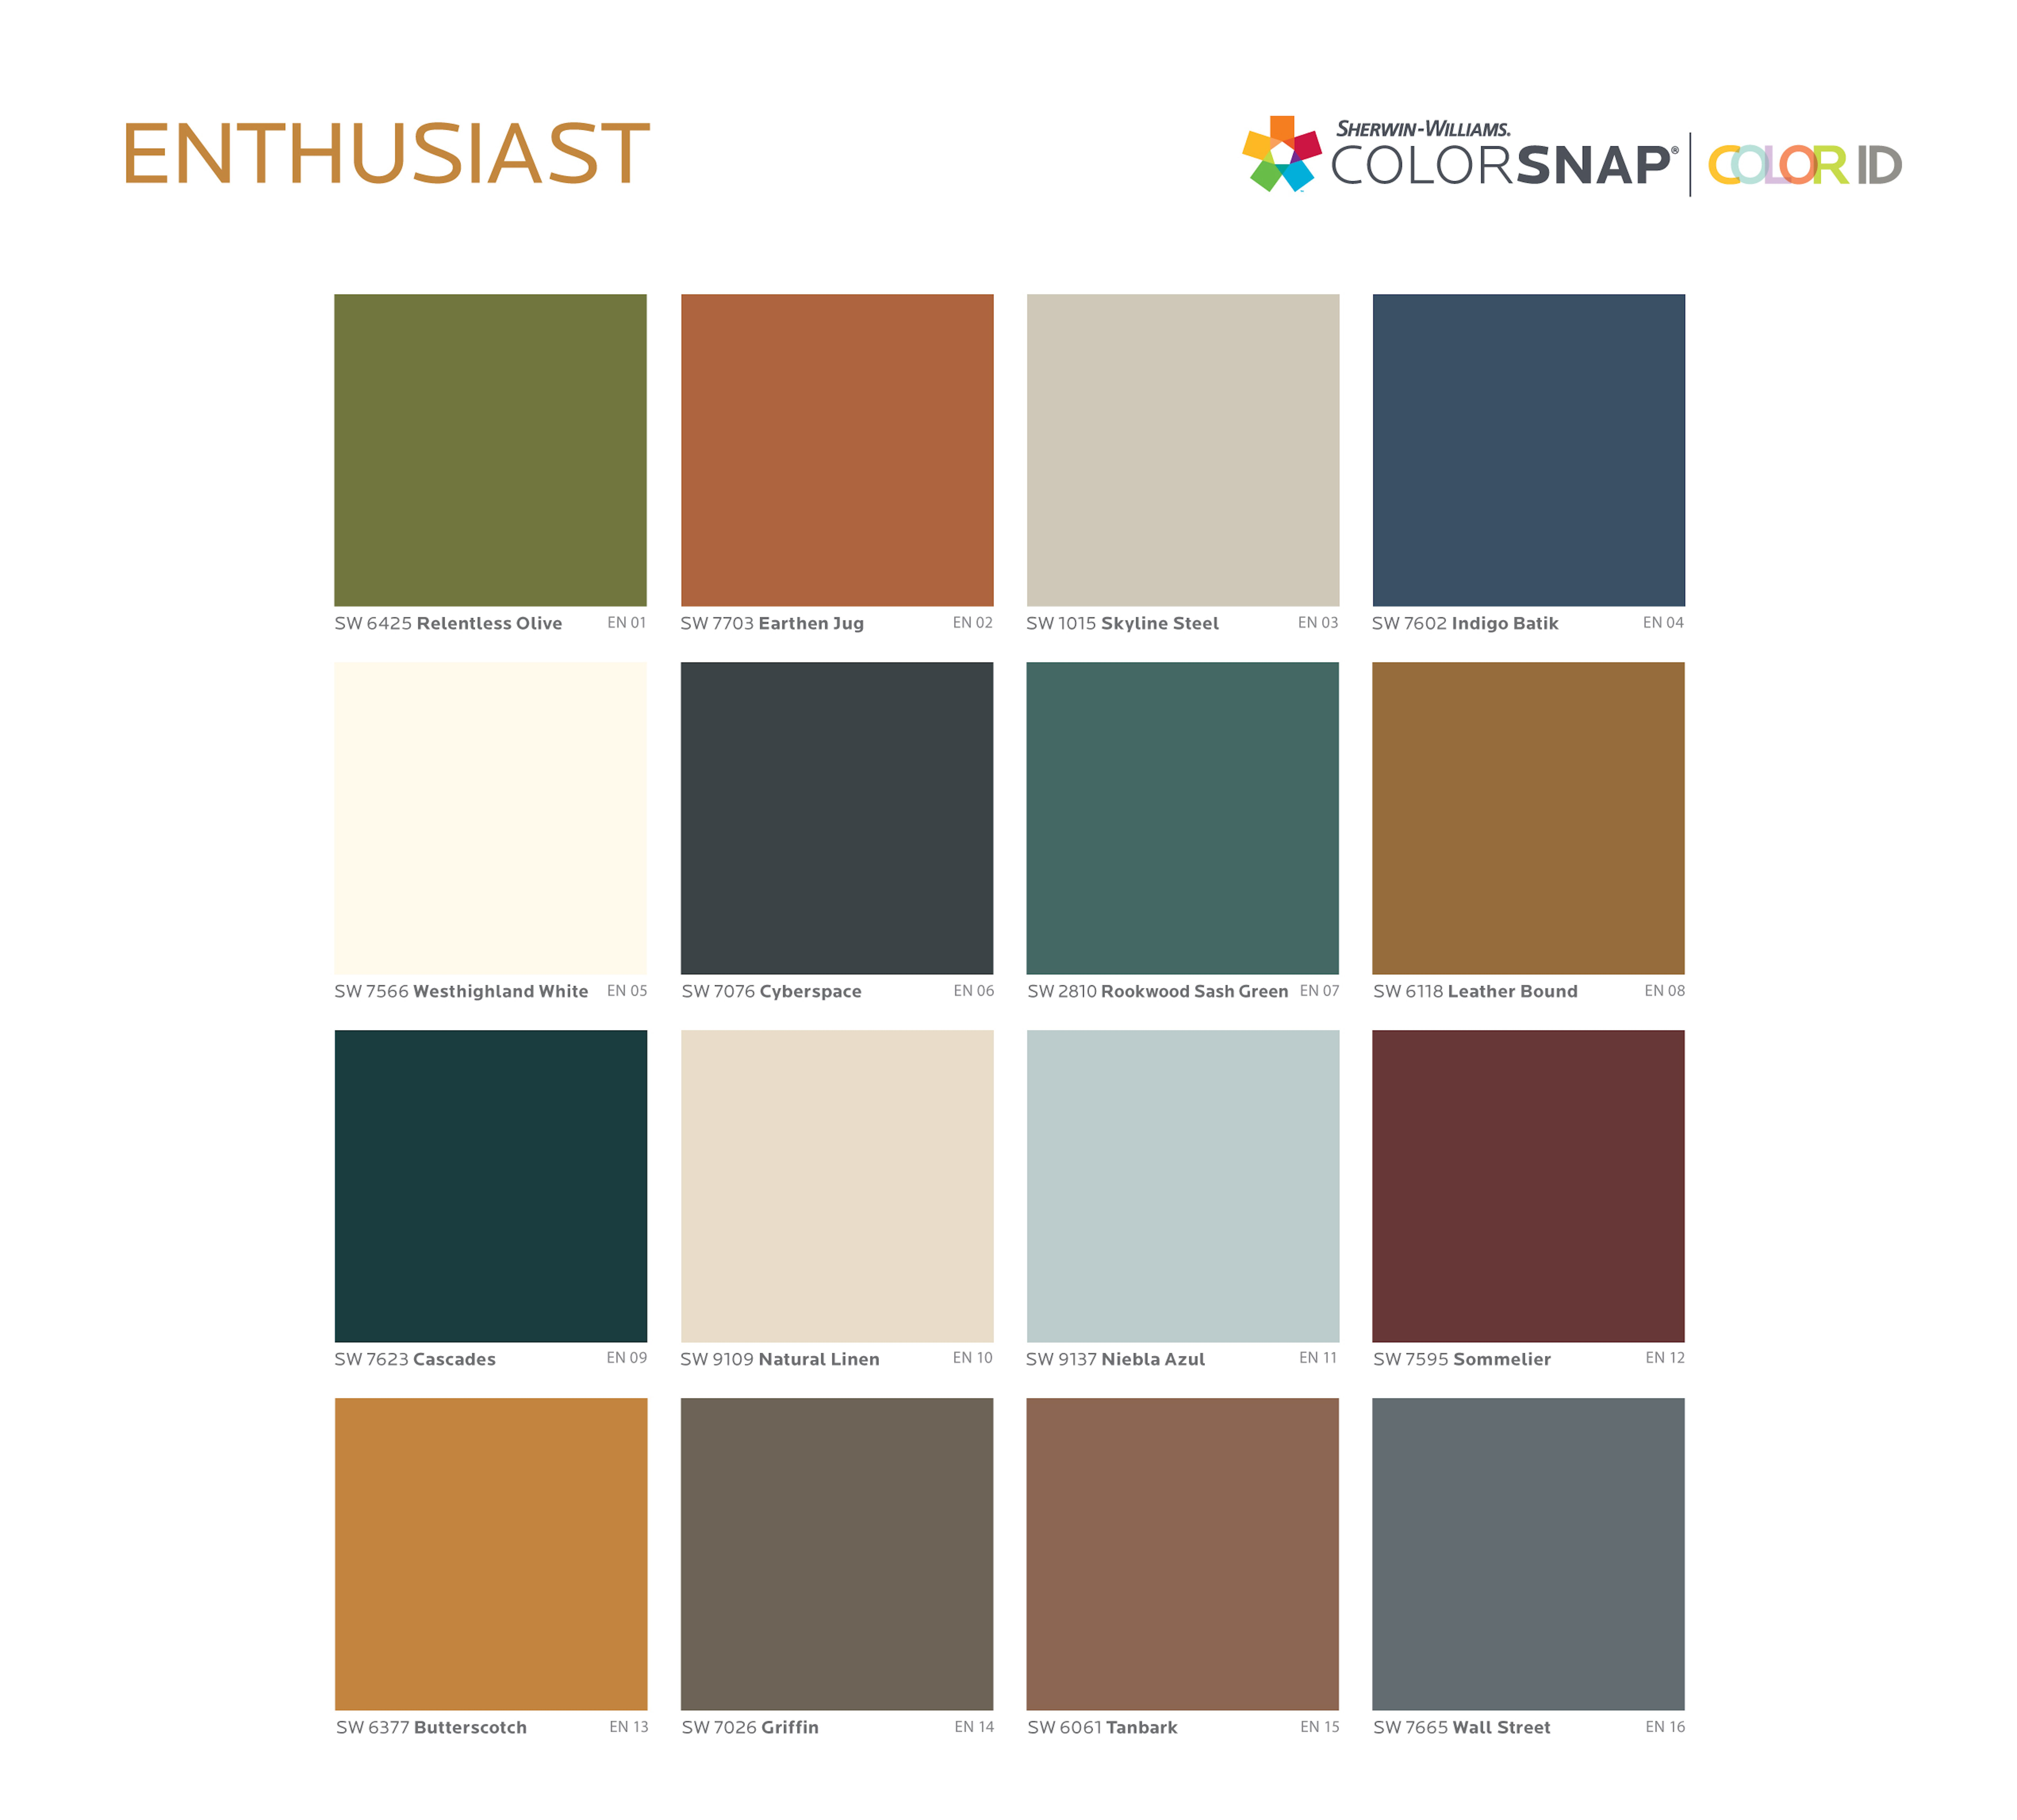 Enthusiast paint color palette